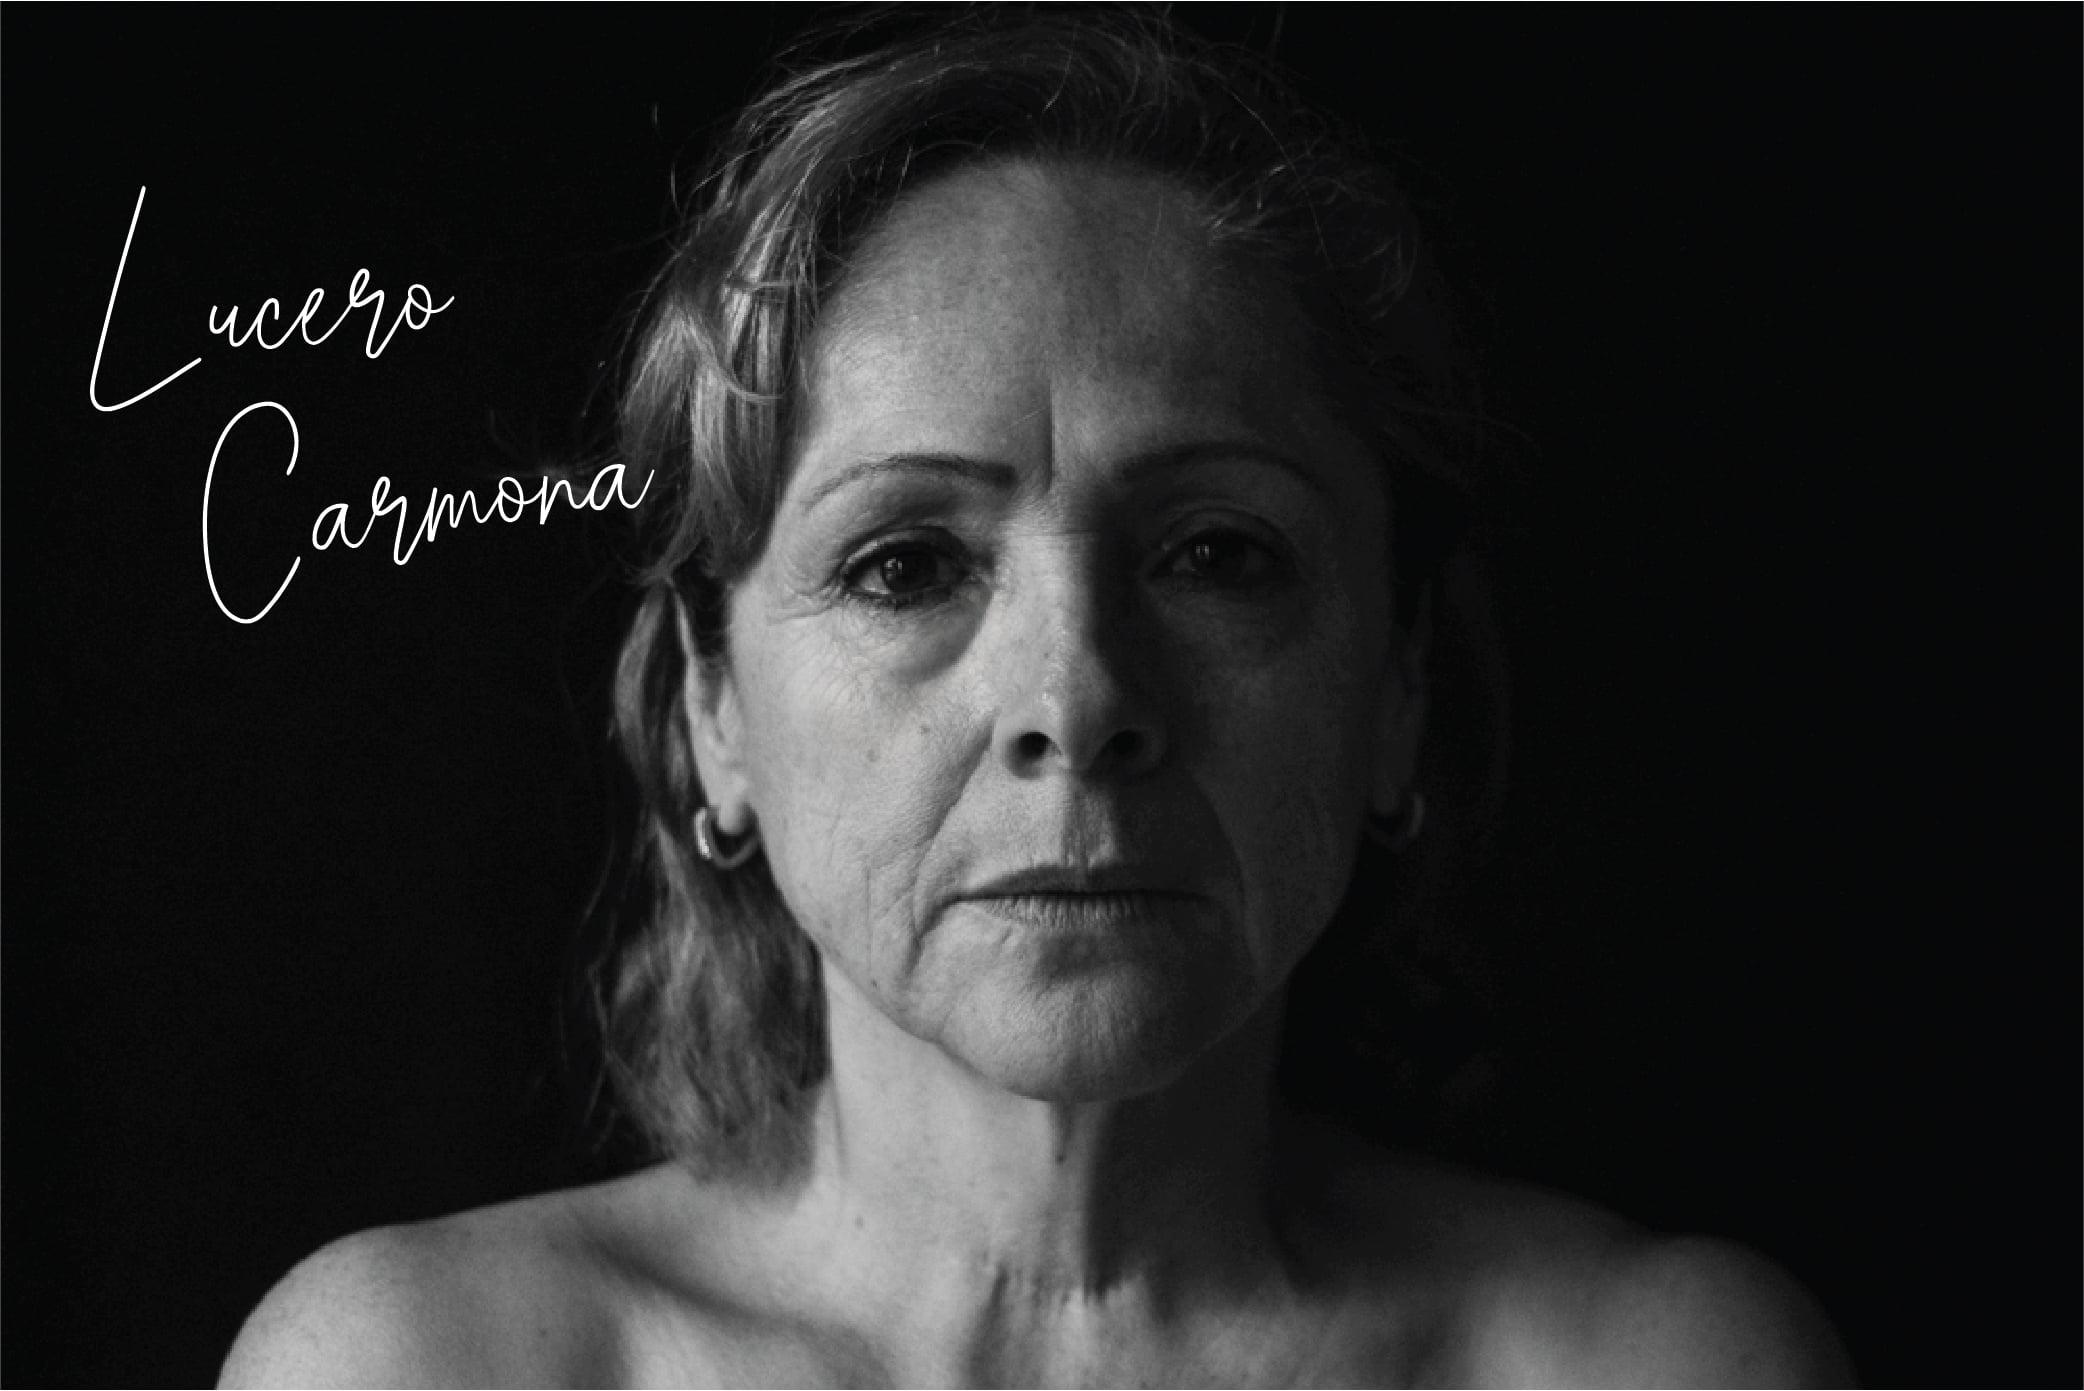 madres web.v3-12